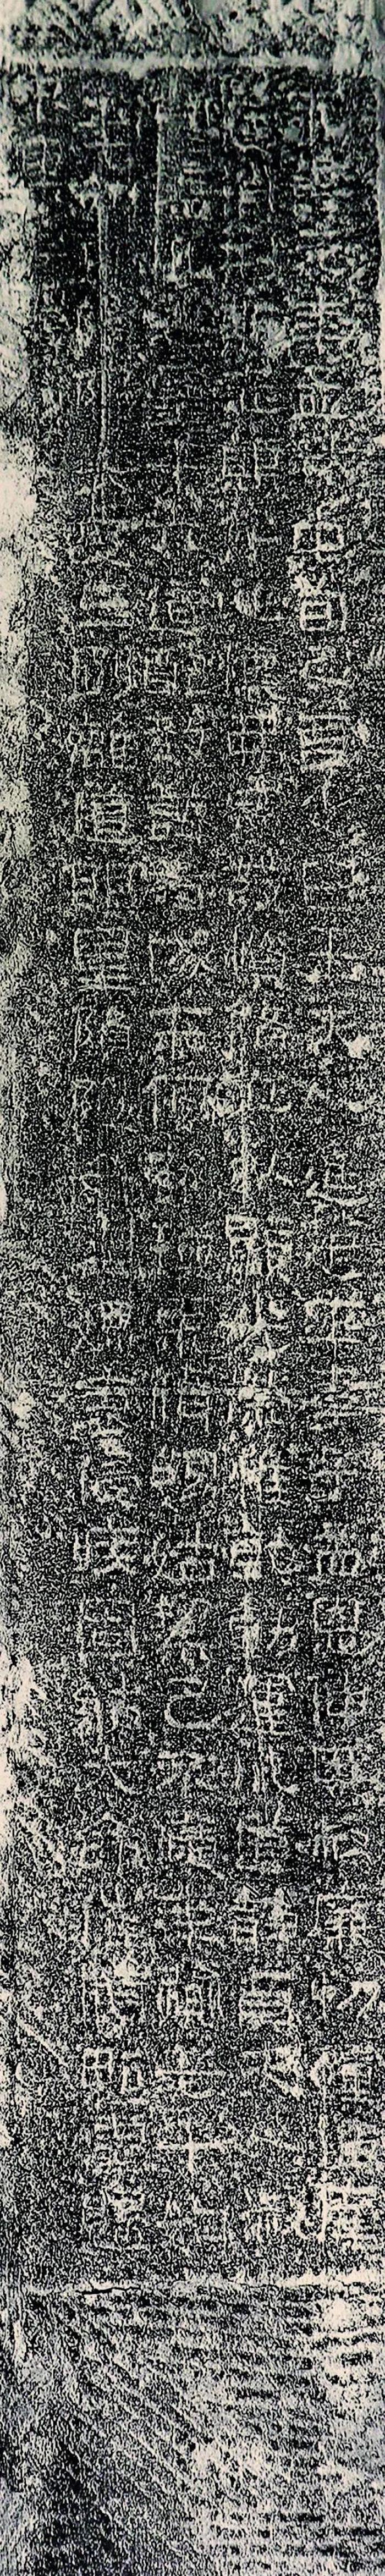 東漢永壽元年(一五五) 四川成都猛追村永壽元年畫像石題記拓片